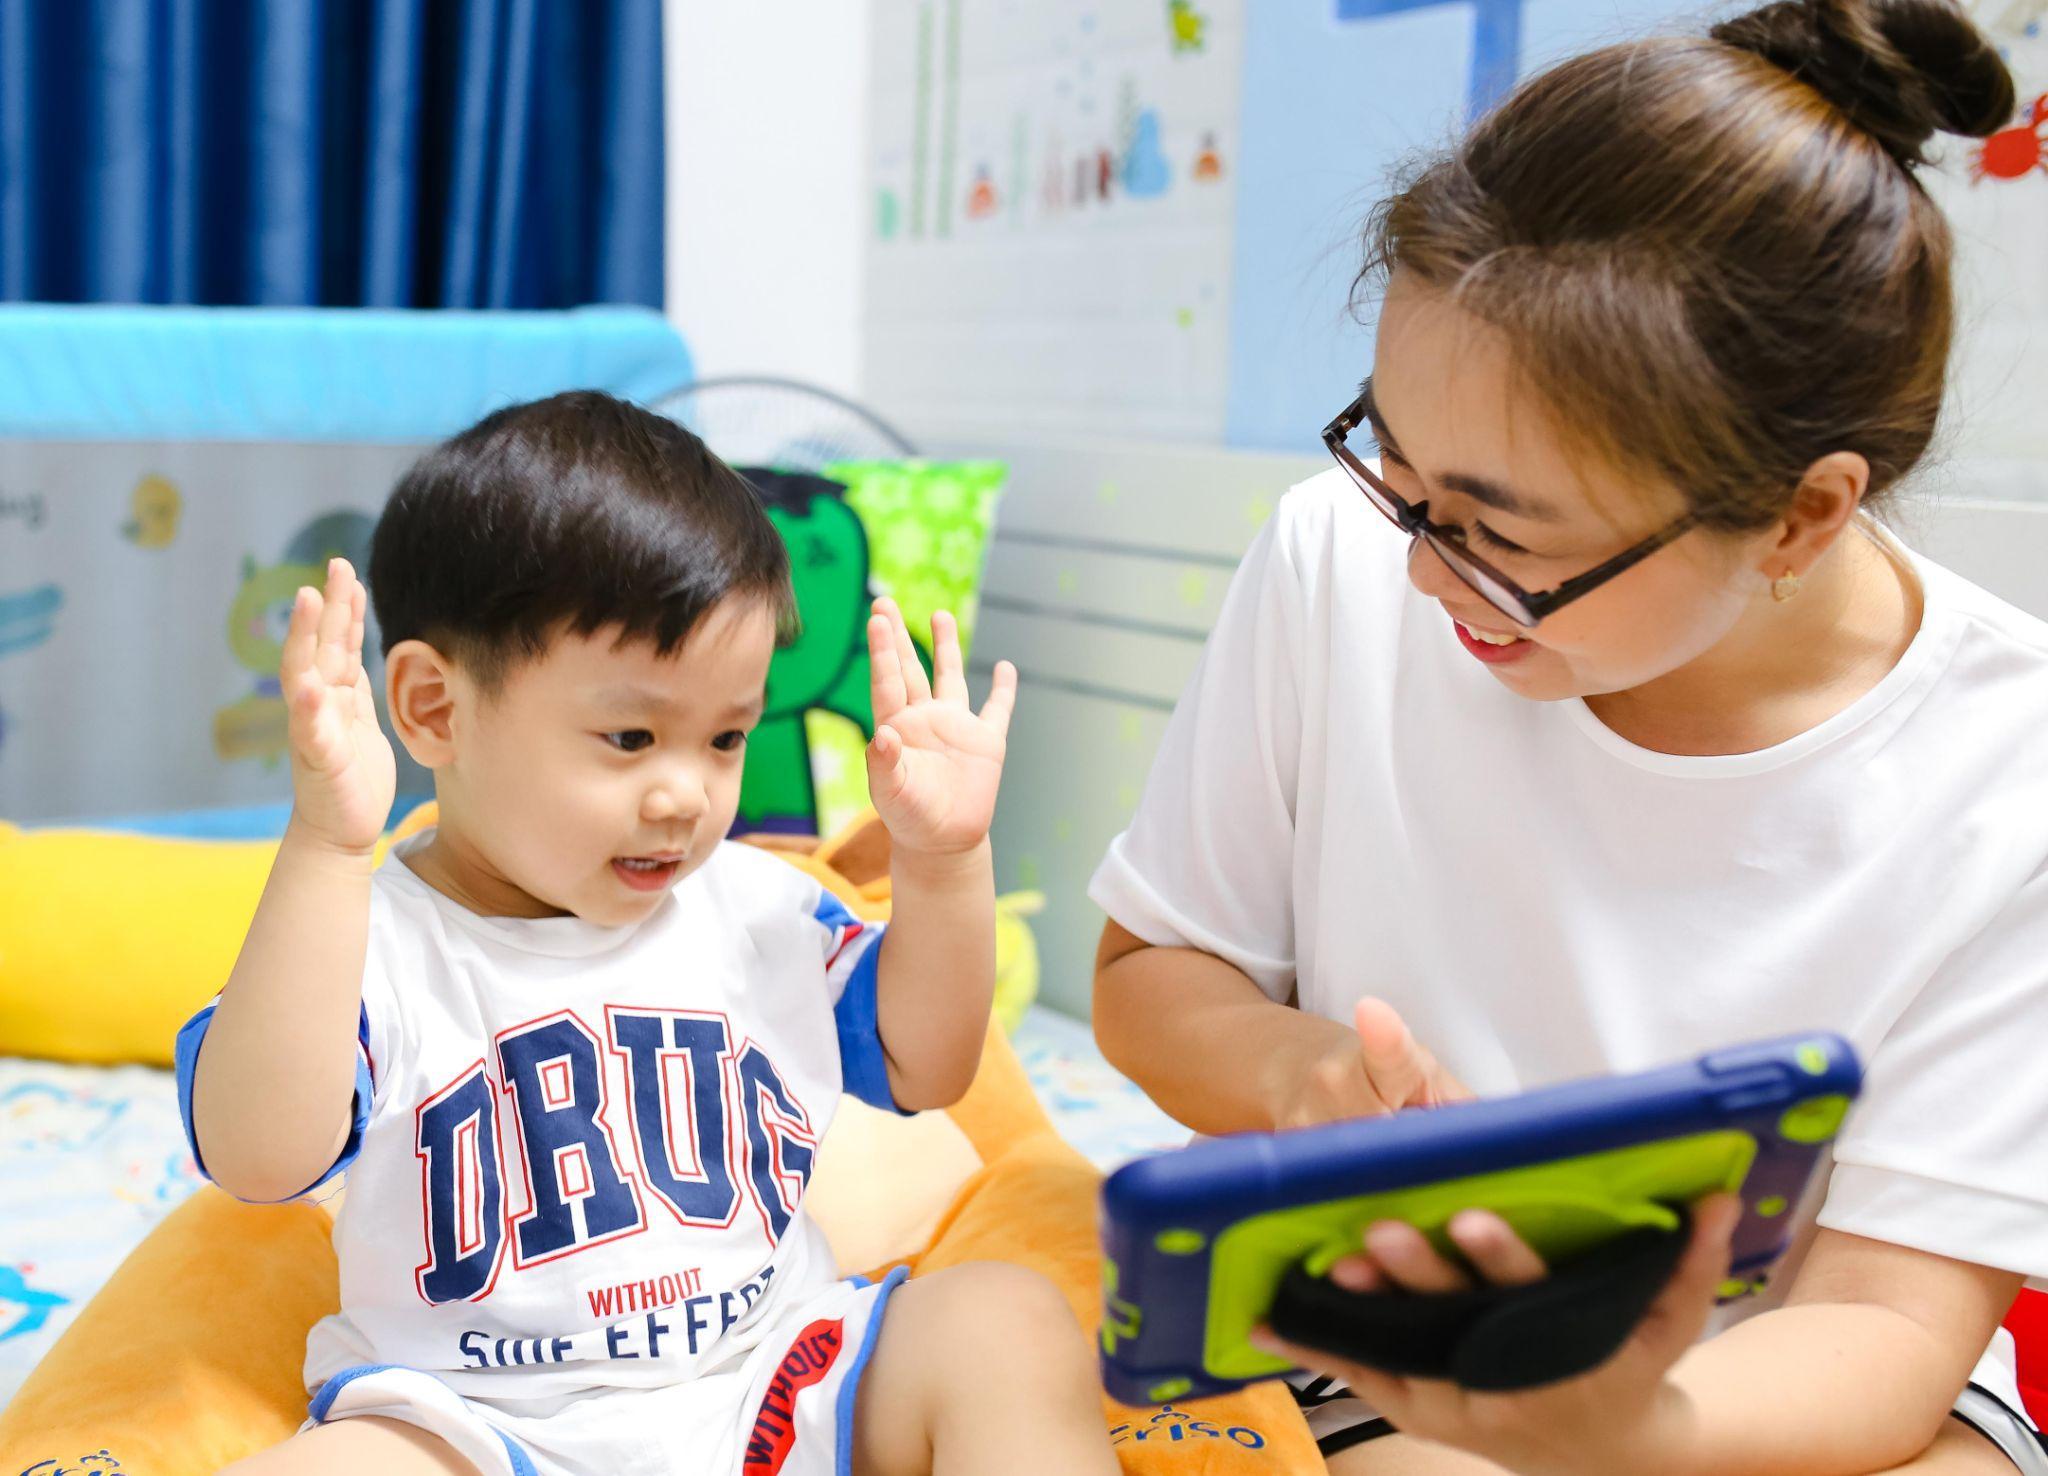 Mẹ và bé vui học Tiếng Anh với ứng dụng học Tiếng Anh qua trò chơi Vkids Edu.